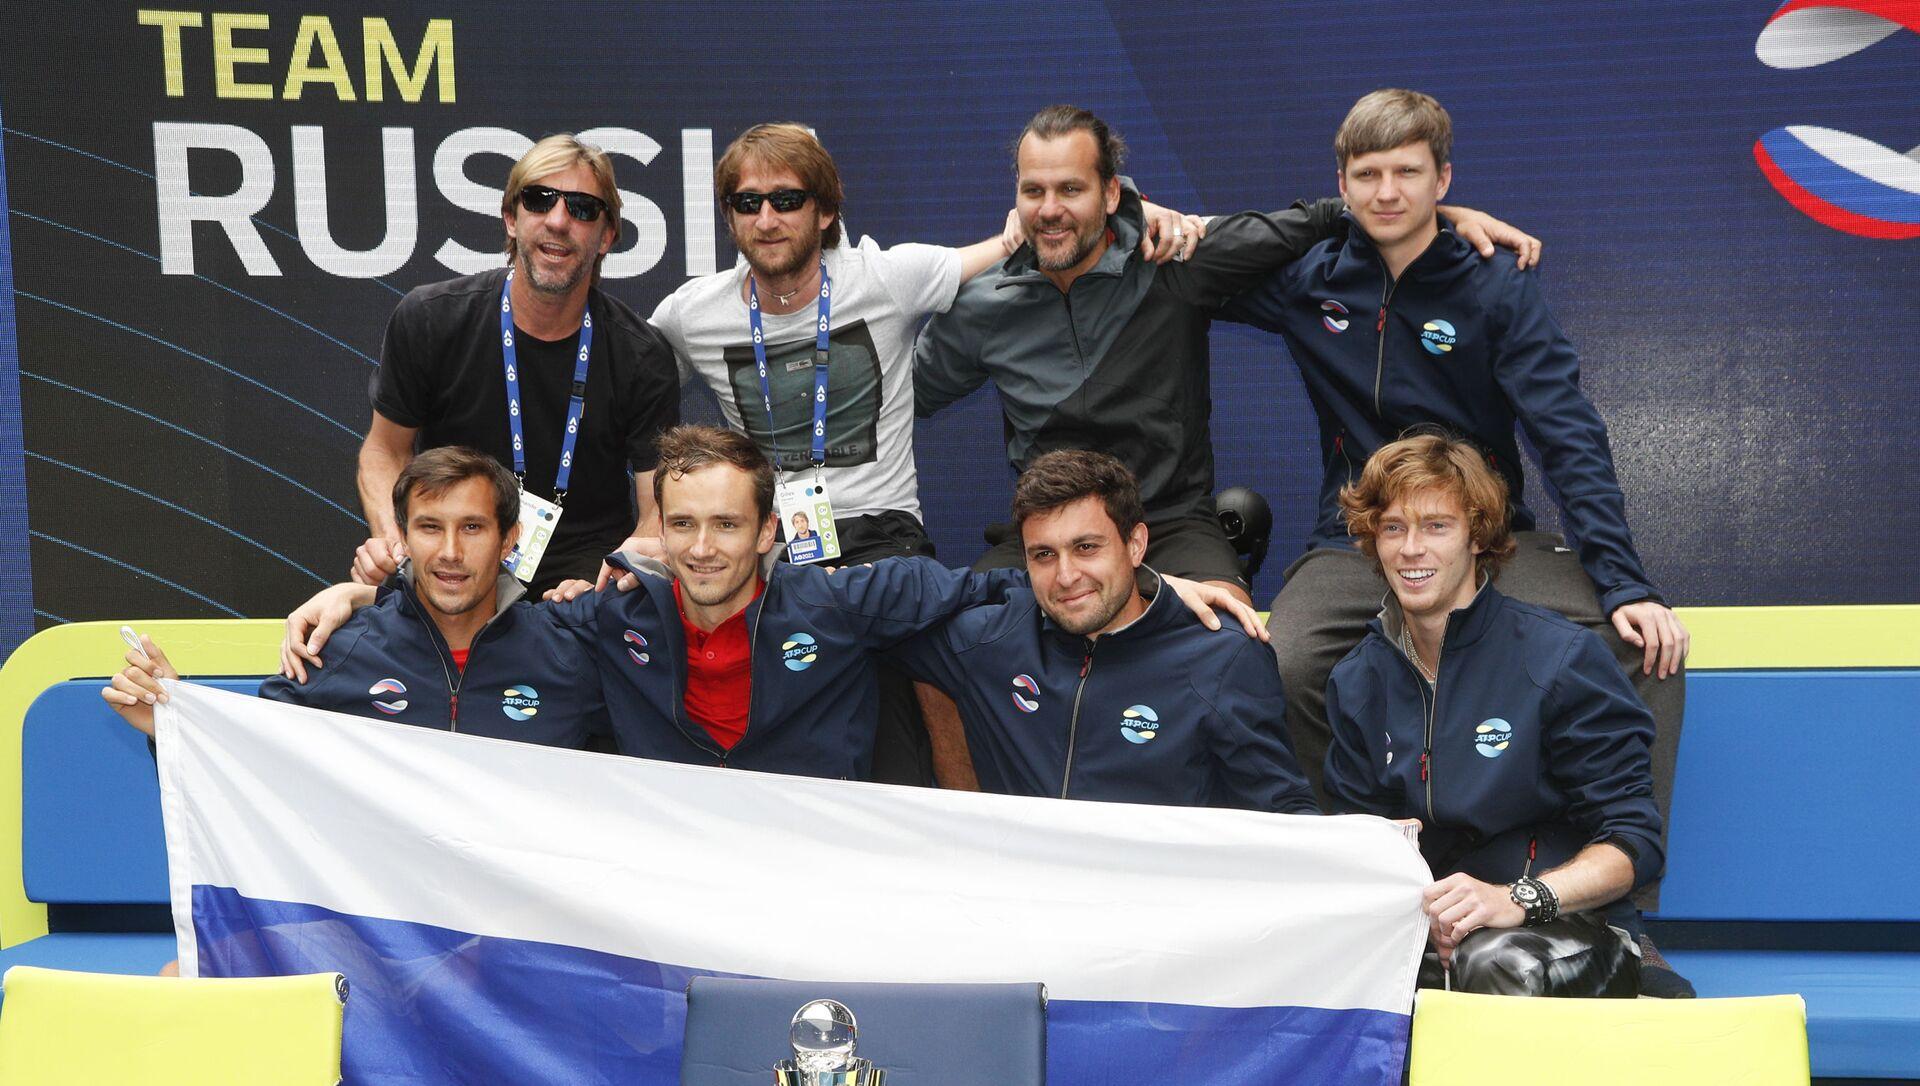 Rusija Dejvis kup tim - Sputnik Srbija, 1920, 07.02.2021